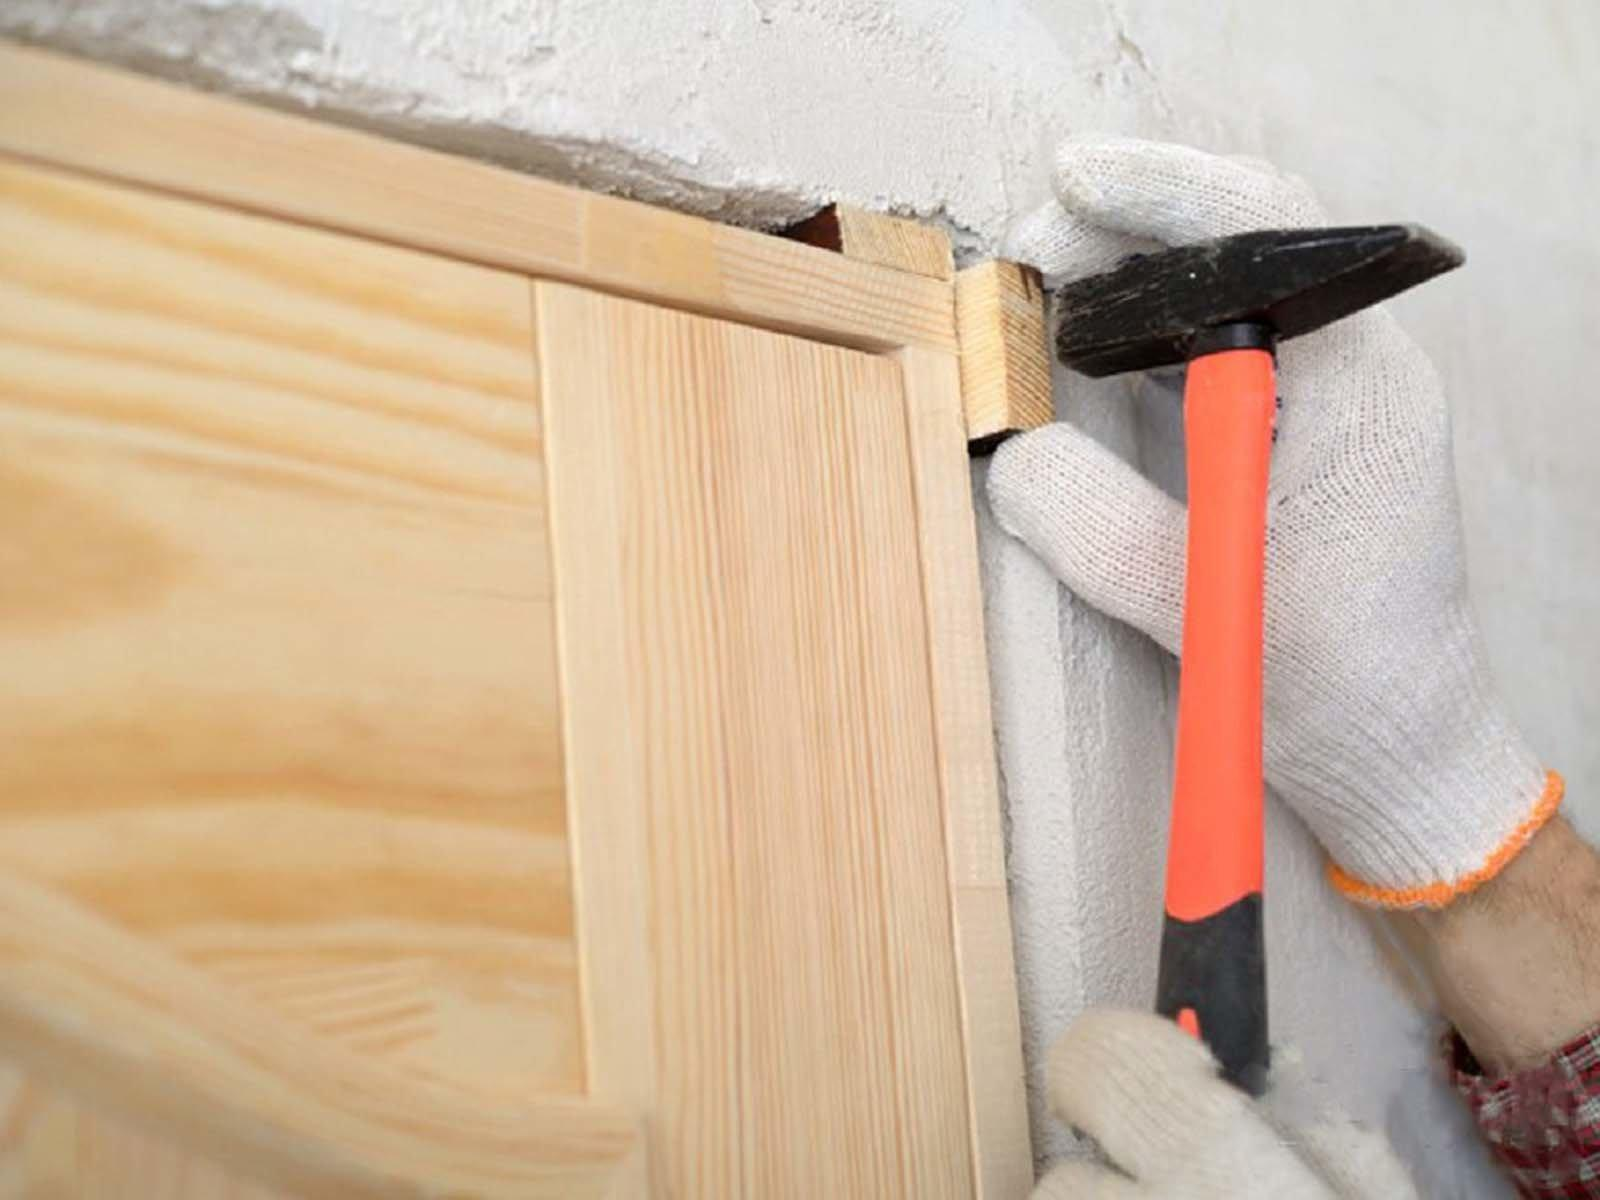 Устанавливаем дверную коробку в проем и регулируем